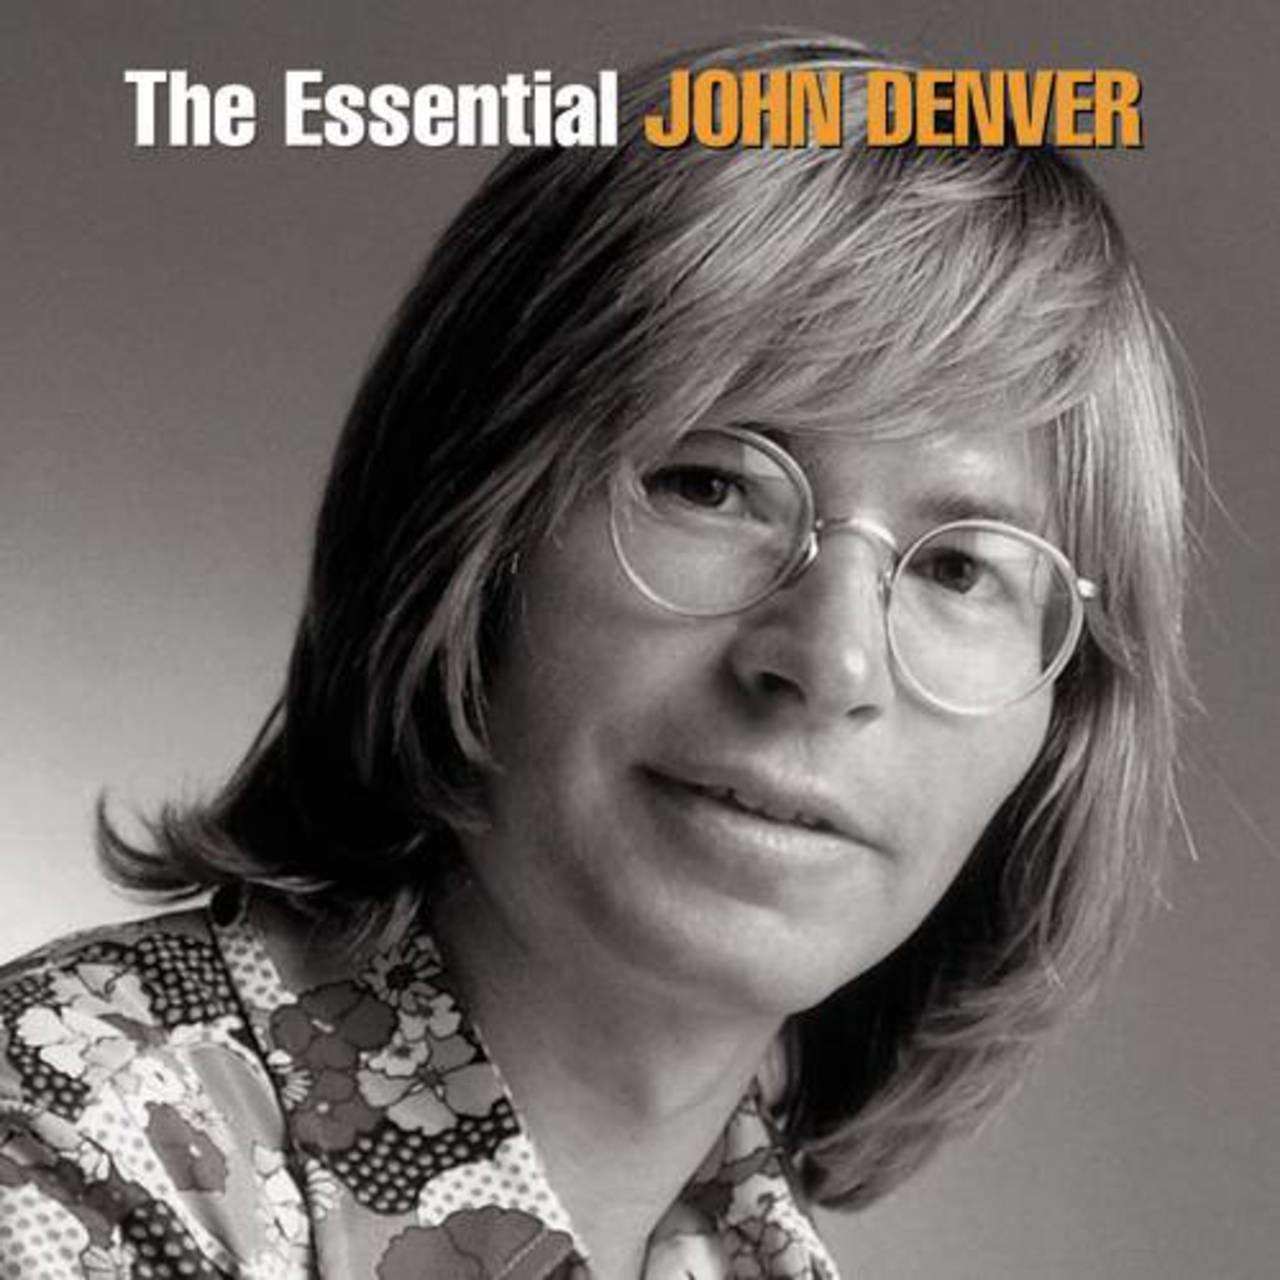 TIDAL: Listen to John Denver on TIDAL